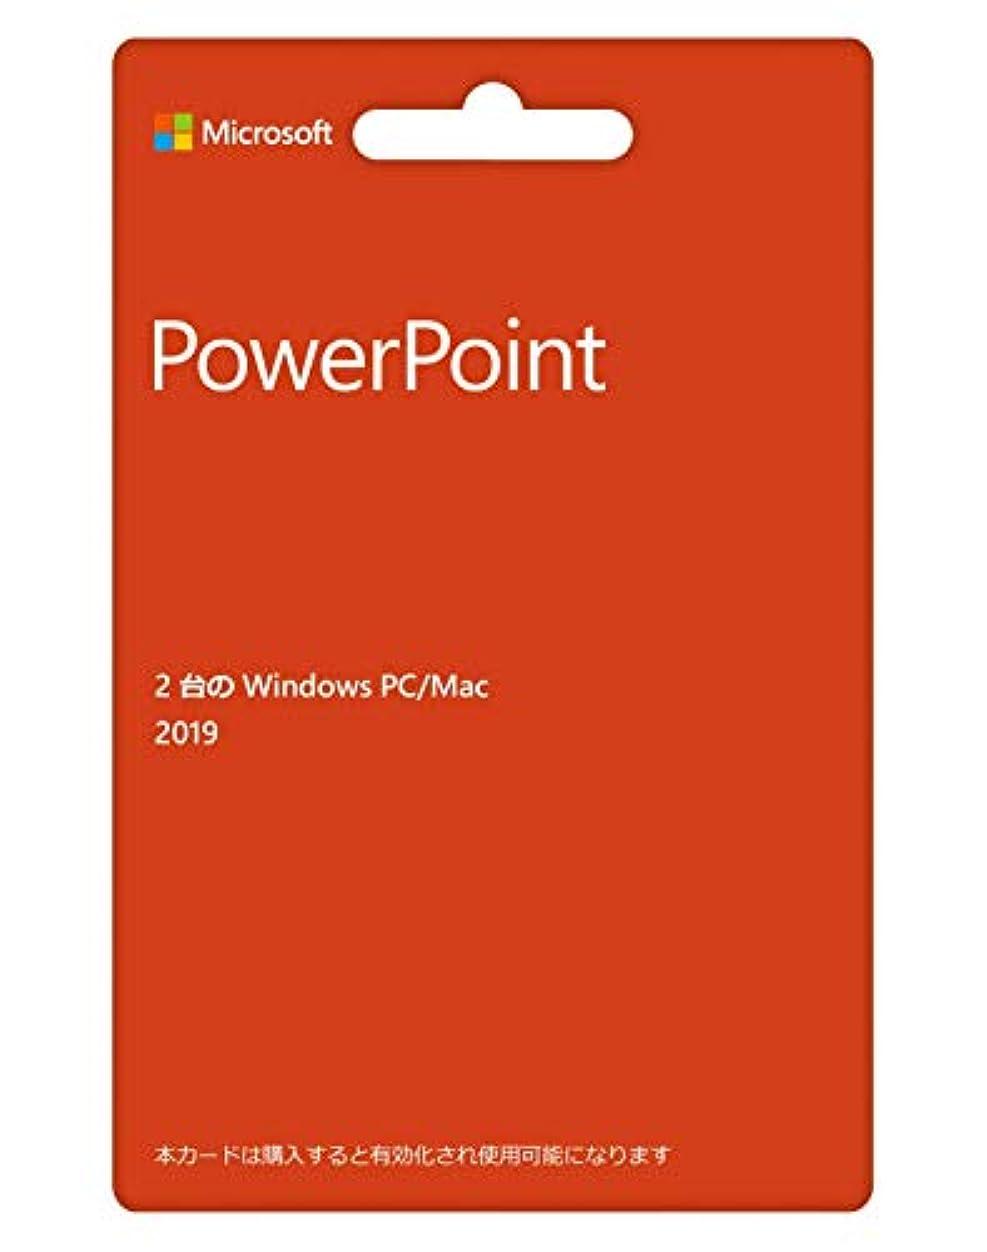 信頼できる理由習慣Microsoft PowerPoint 2019(最新 永続版)|カード版|Windows10/mac対応|PC2台